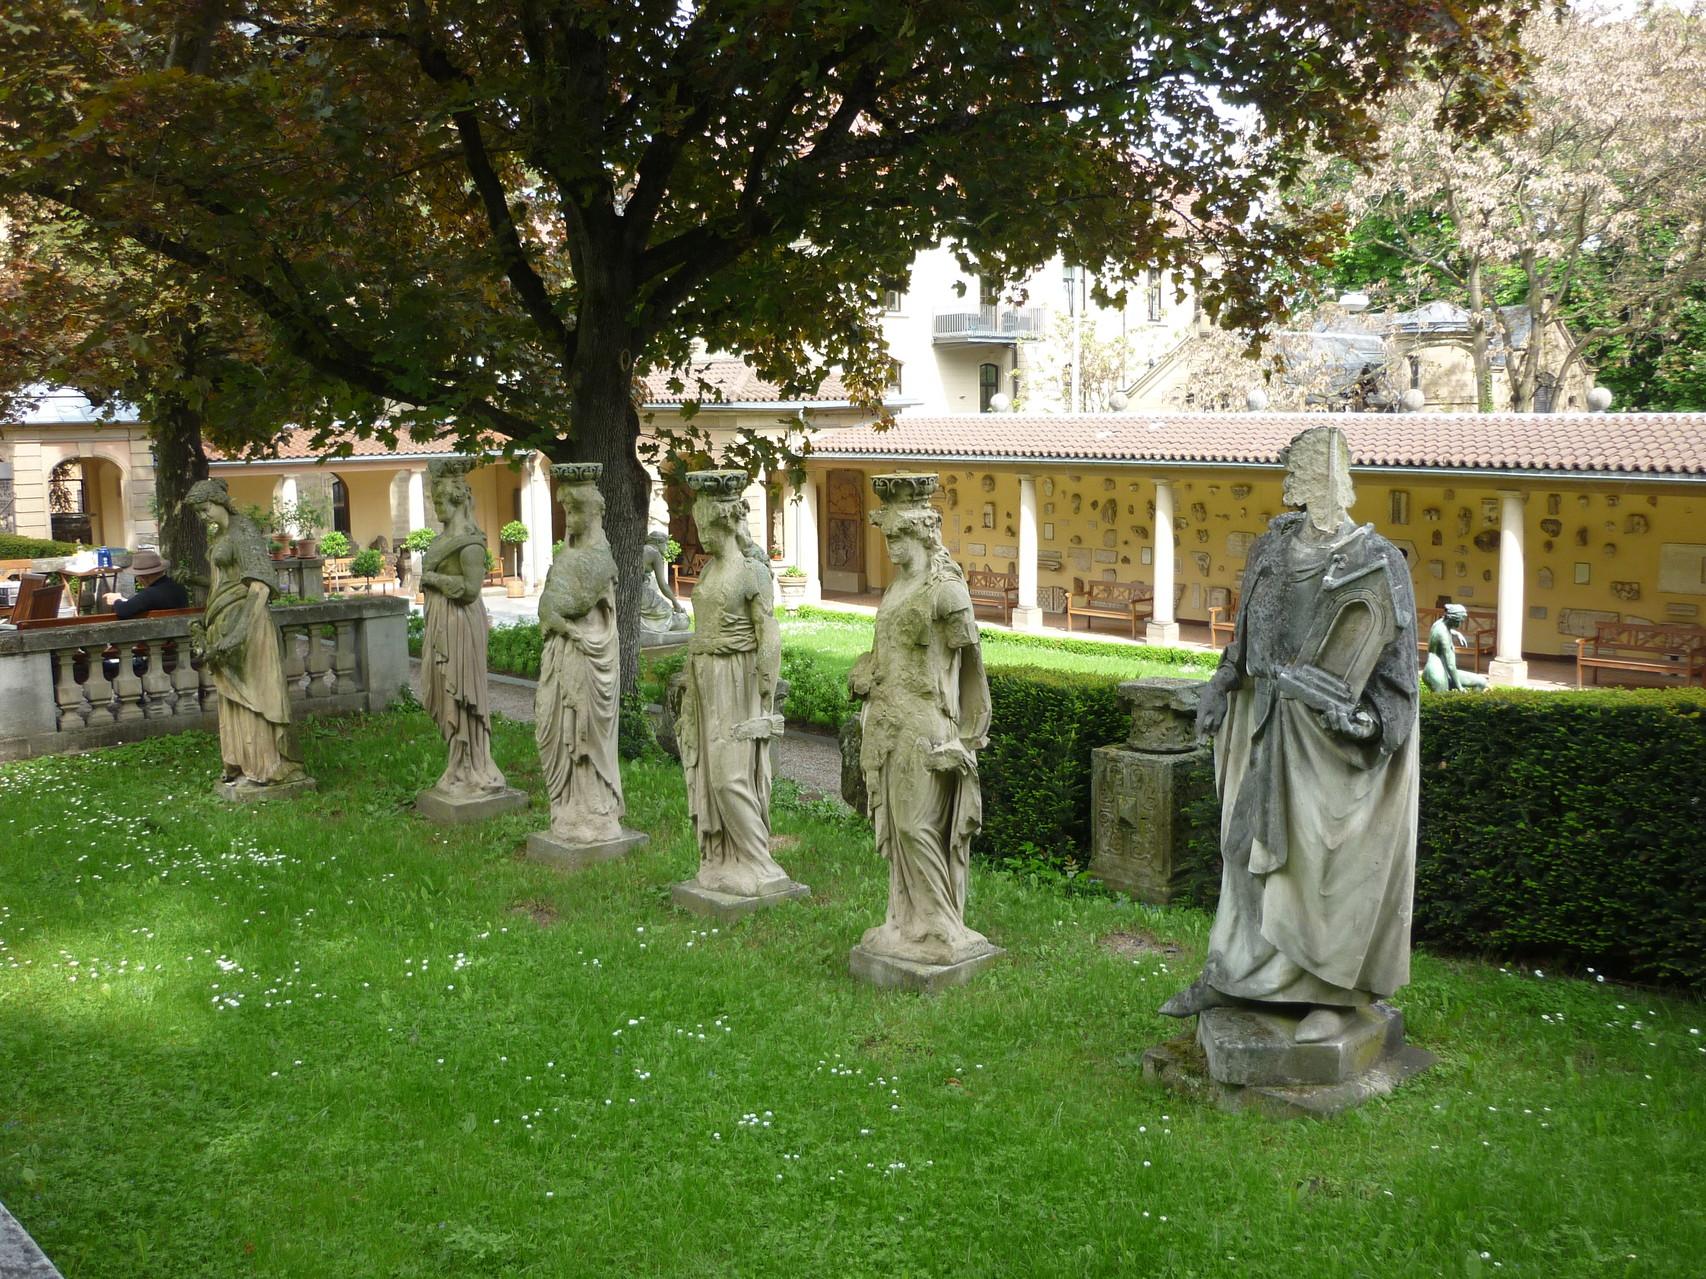 Das Lapidarium im Garten der Villa Ostertag-Siegle (Geschichte: Die wechselvolle Geschichte des Bebenhäuser Hofs).